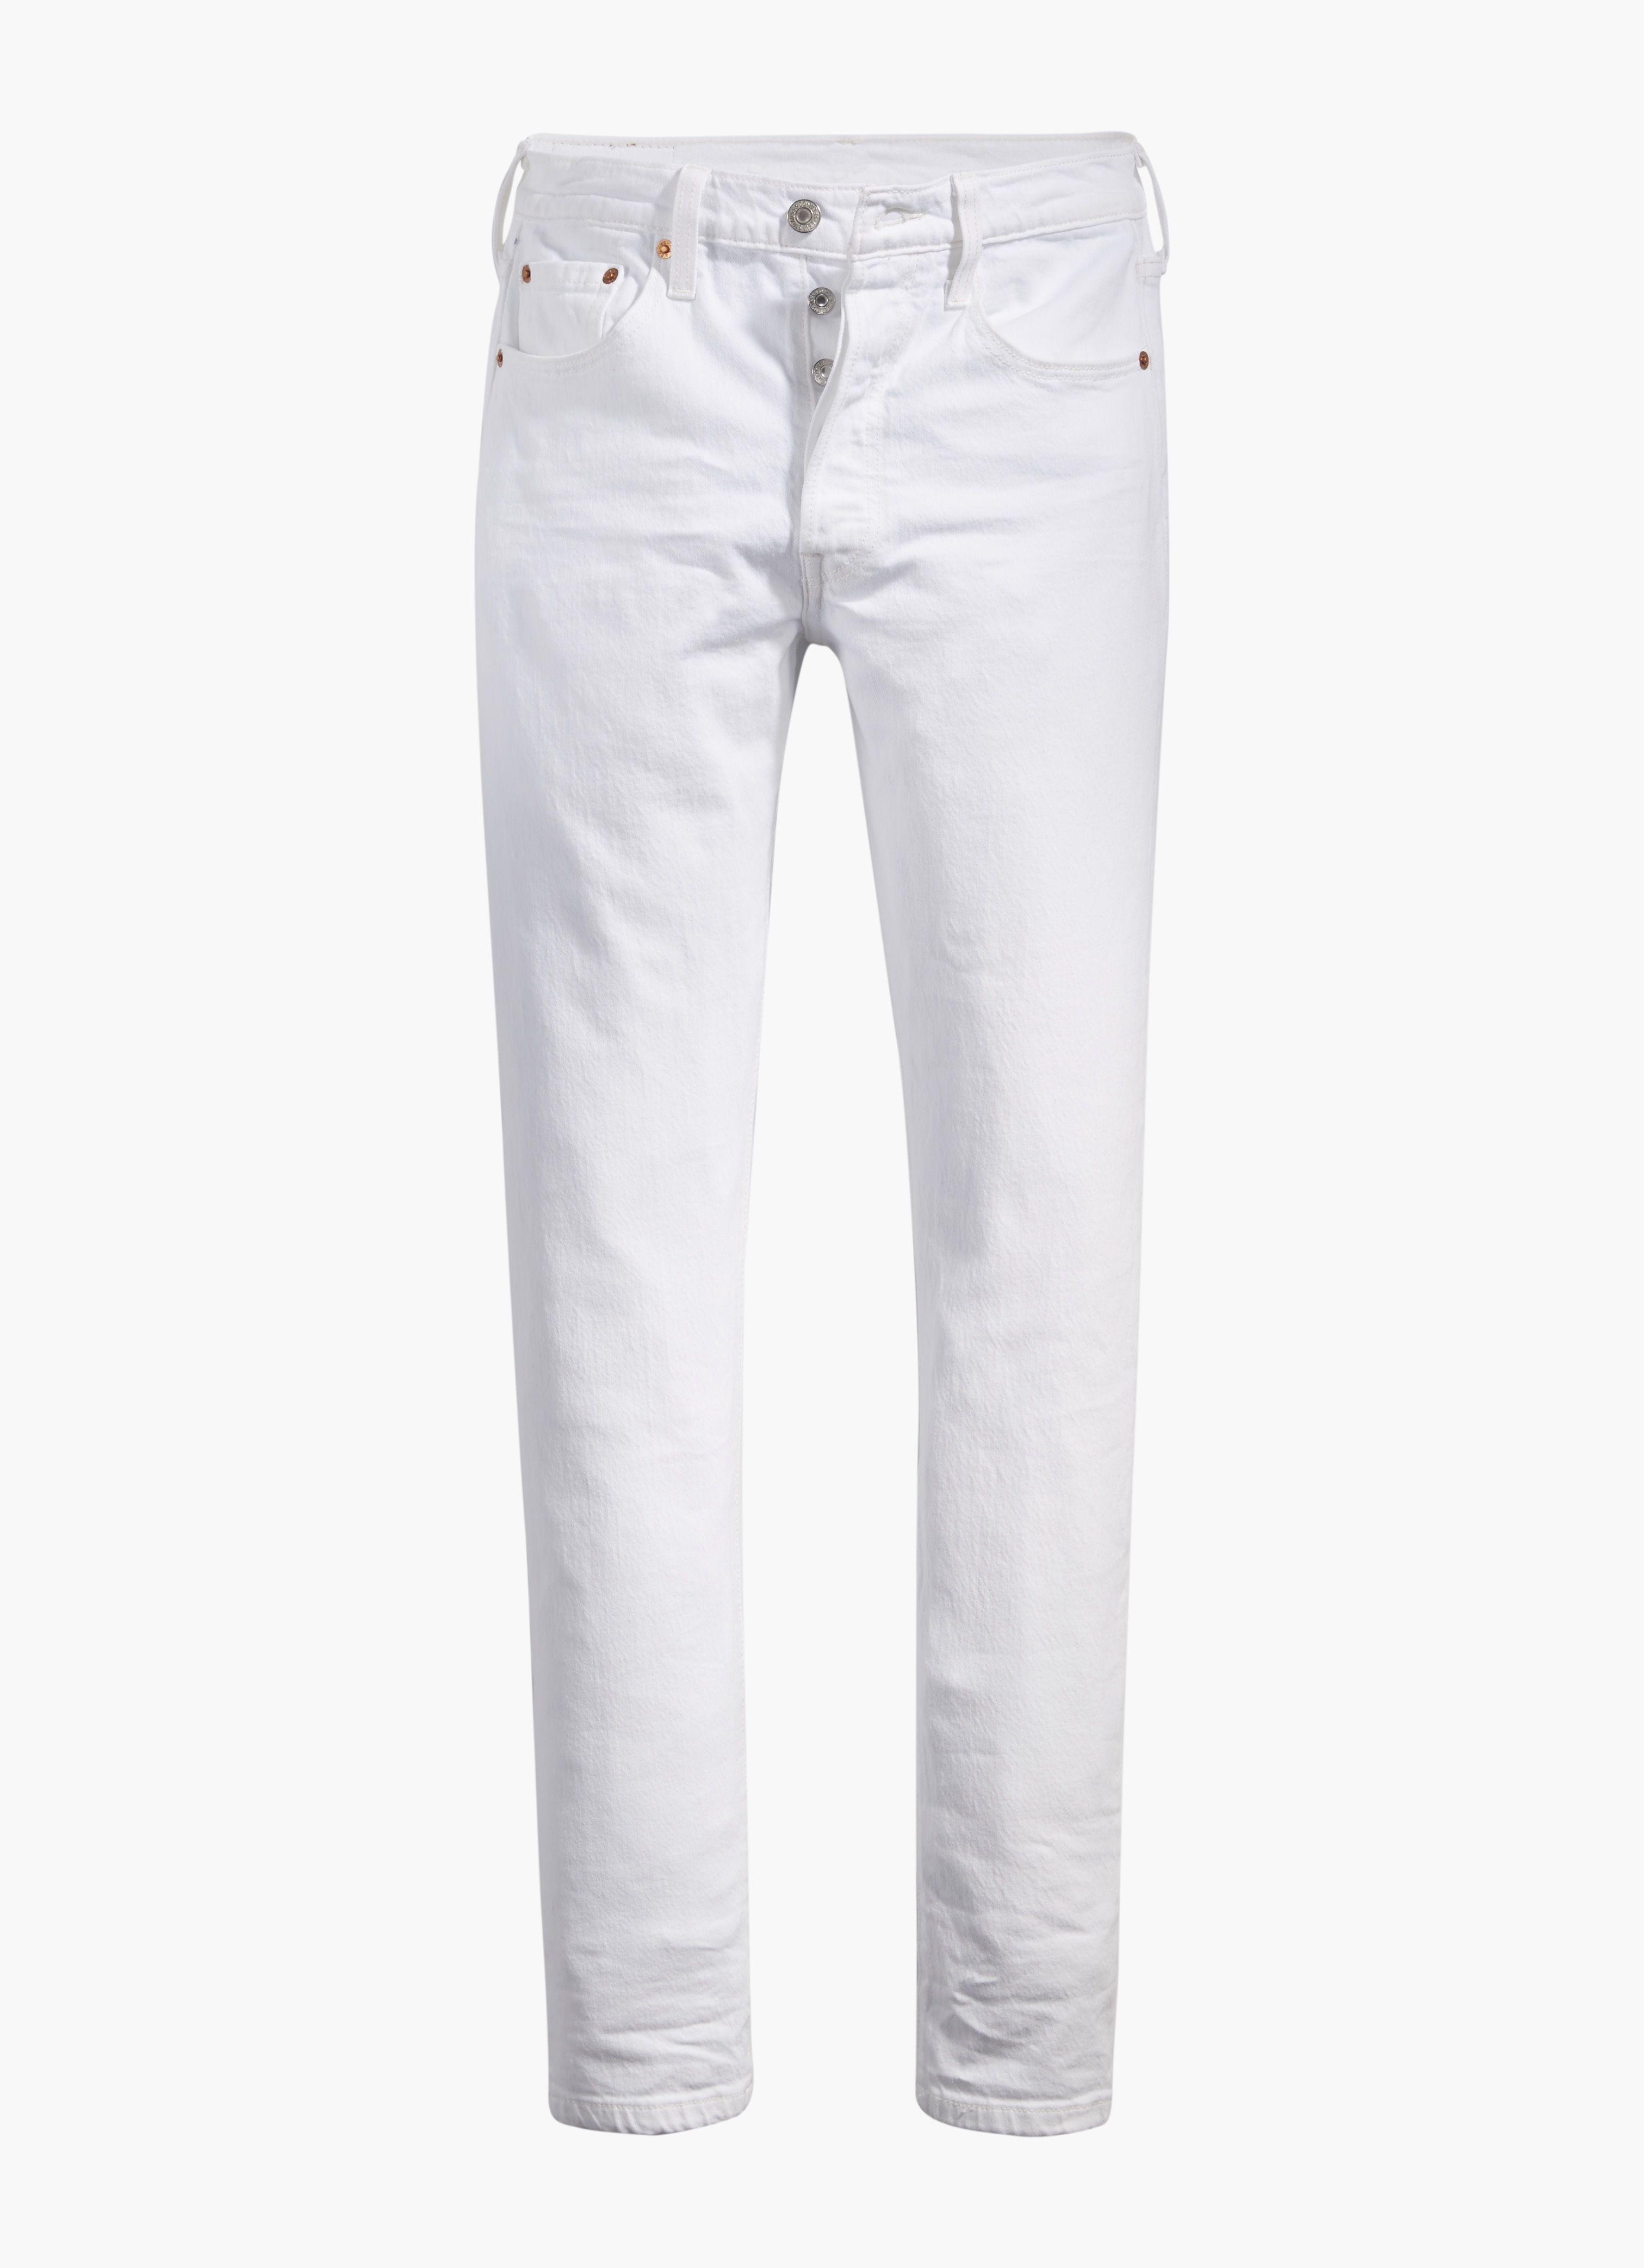 Terug van weggeweest: de witte skinny jeans